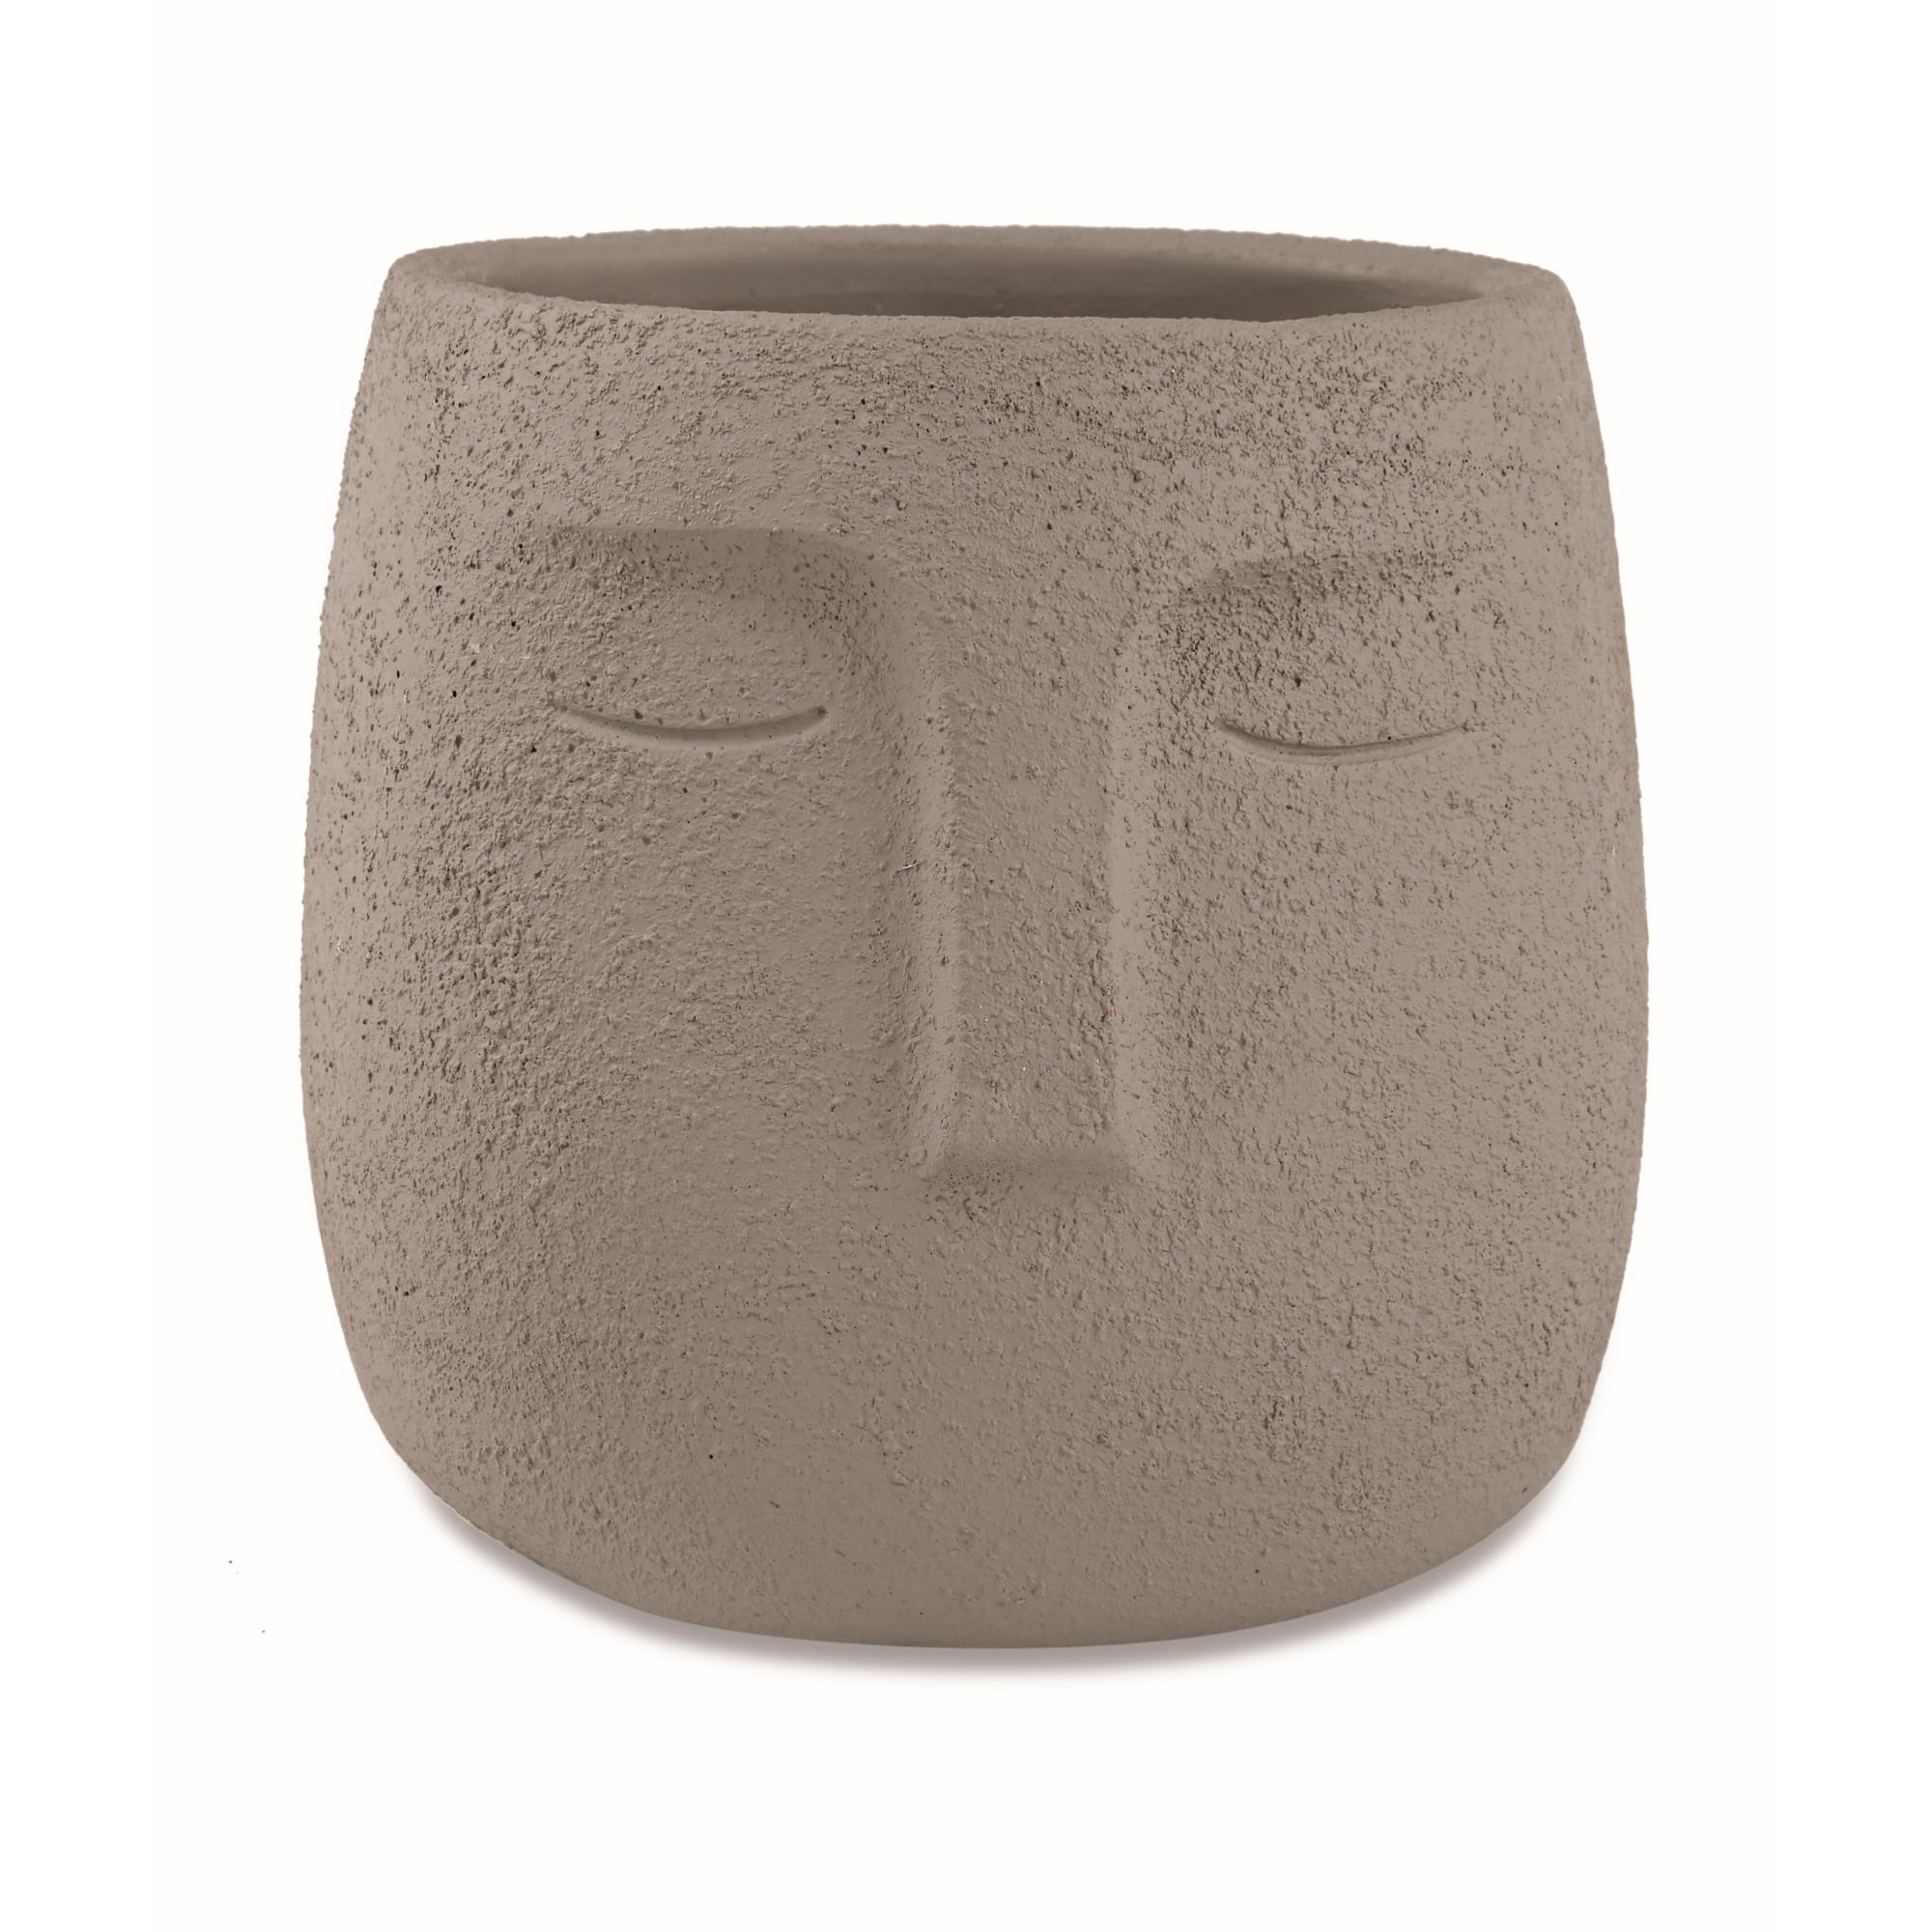 Cachepot Cimento 14x1450 cm Cinza 11913 - Mart